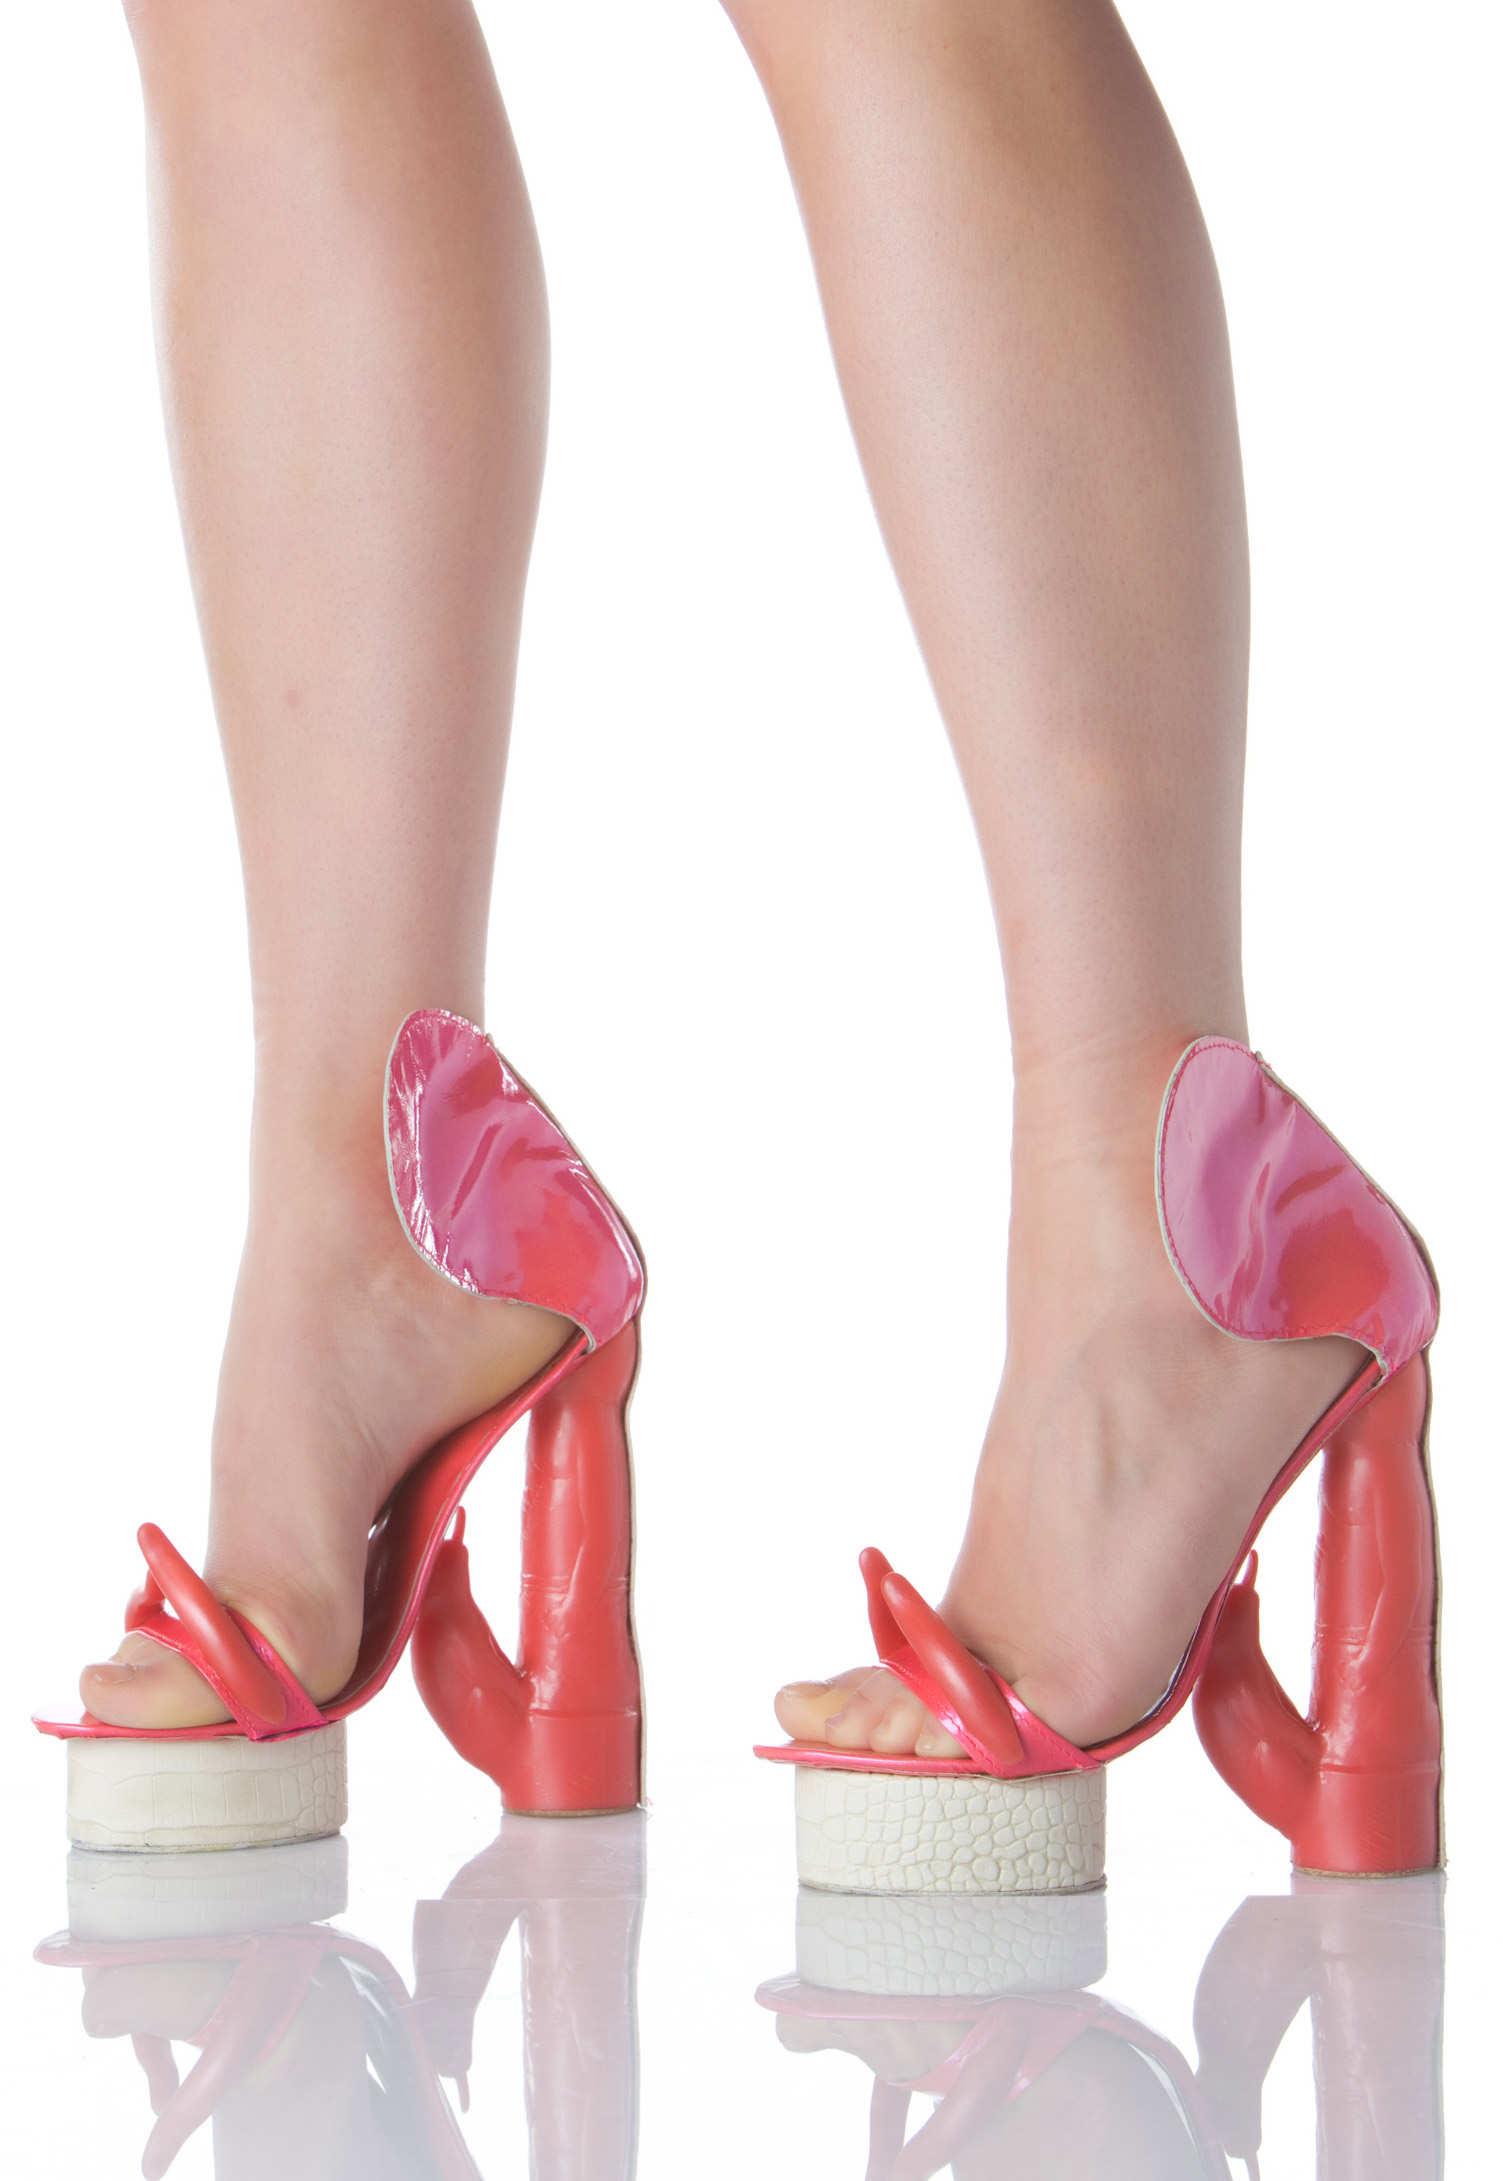 16-Caro-Peirs_Fetish-shoe.nocrop.w1800.h1330.2x